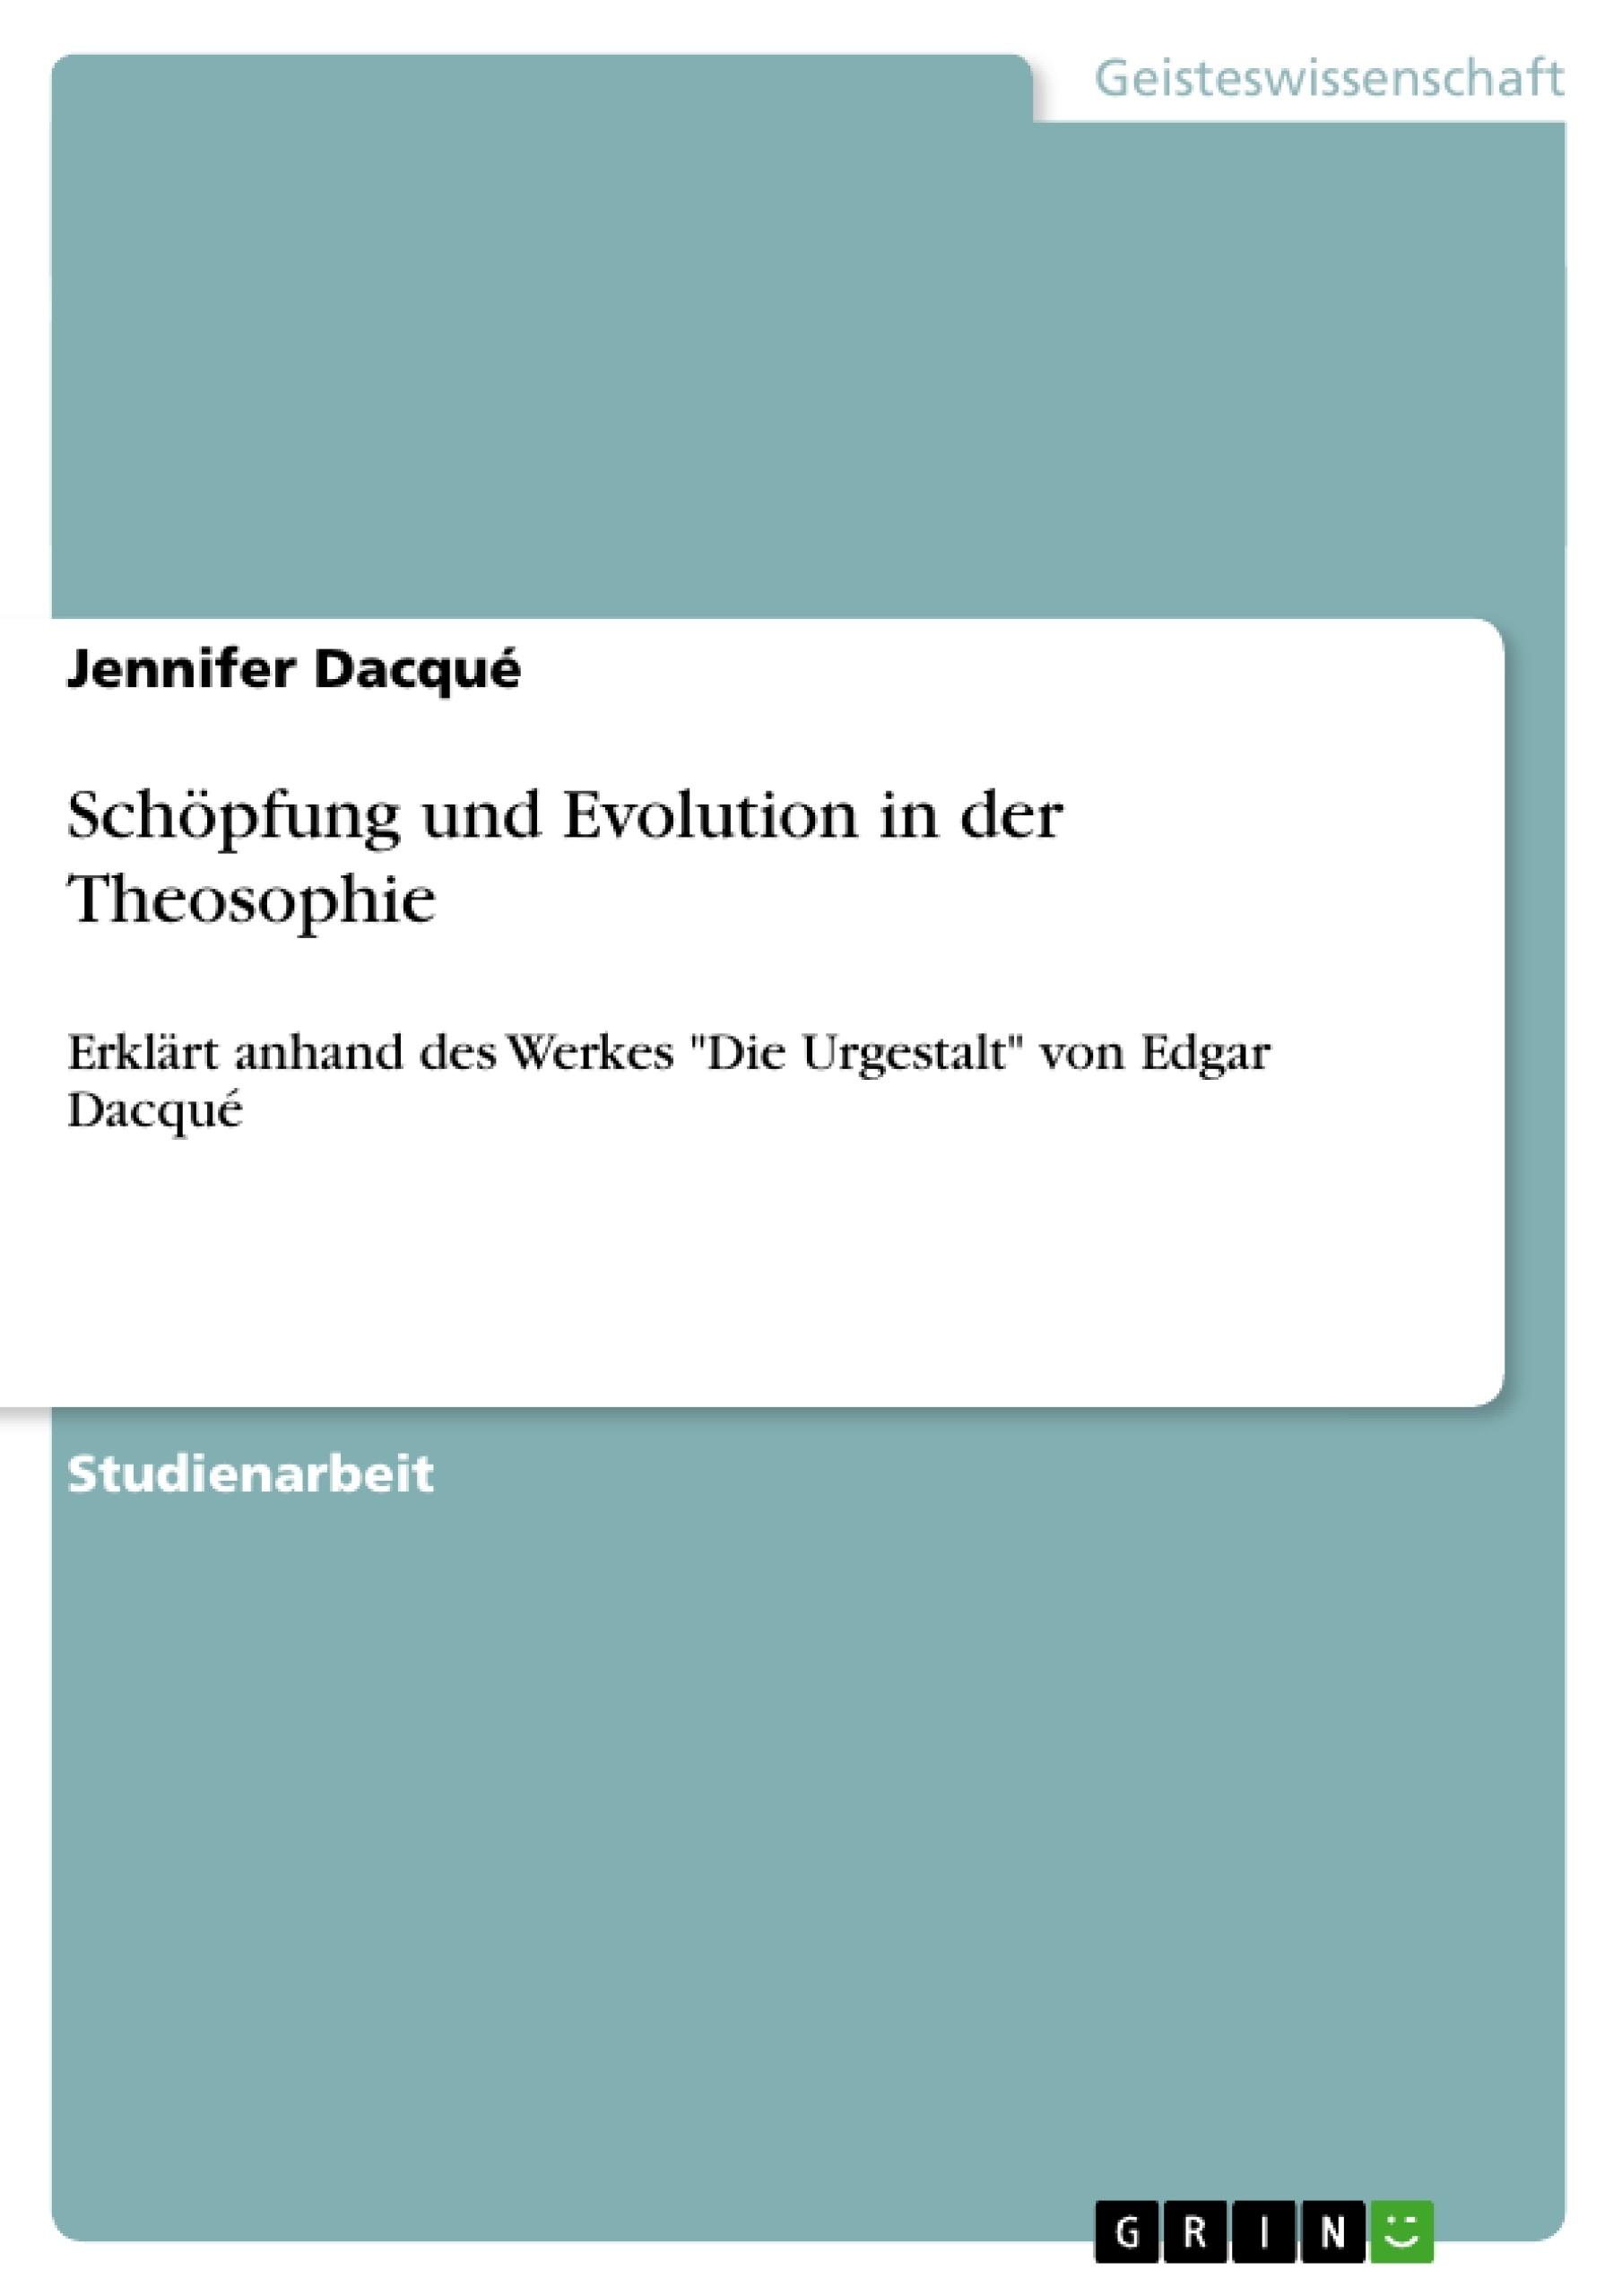 Titel: Schöpfung und Evolution in der Theosophie